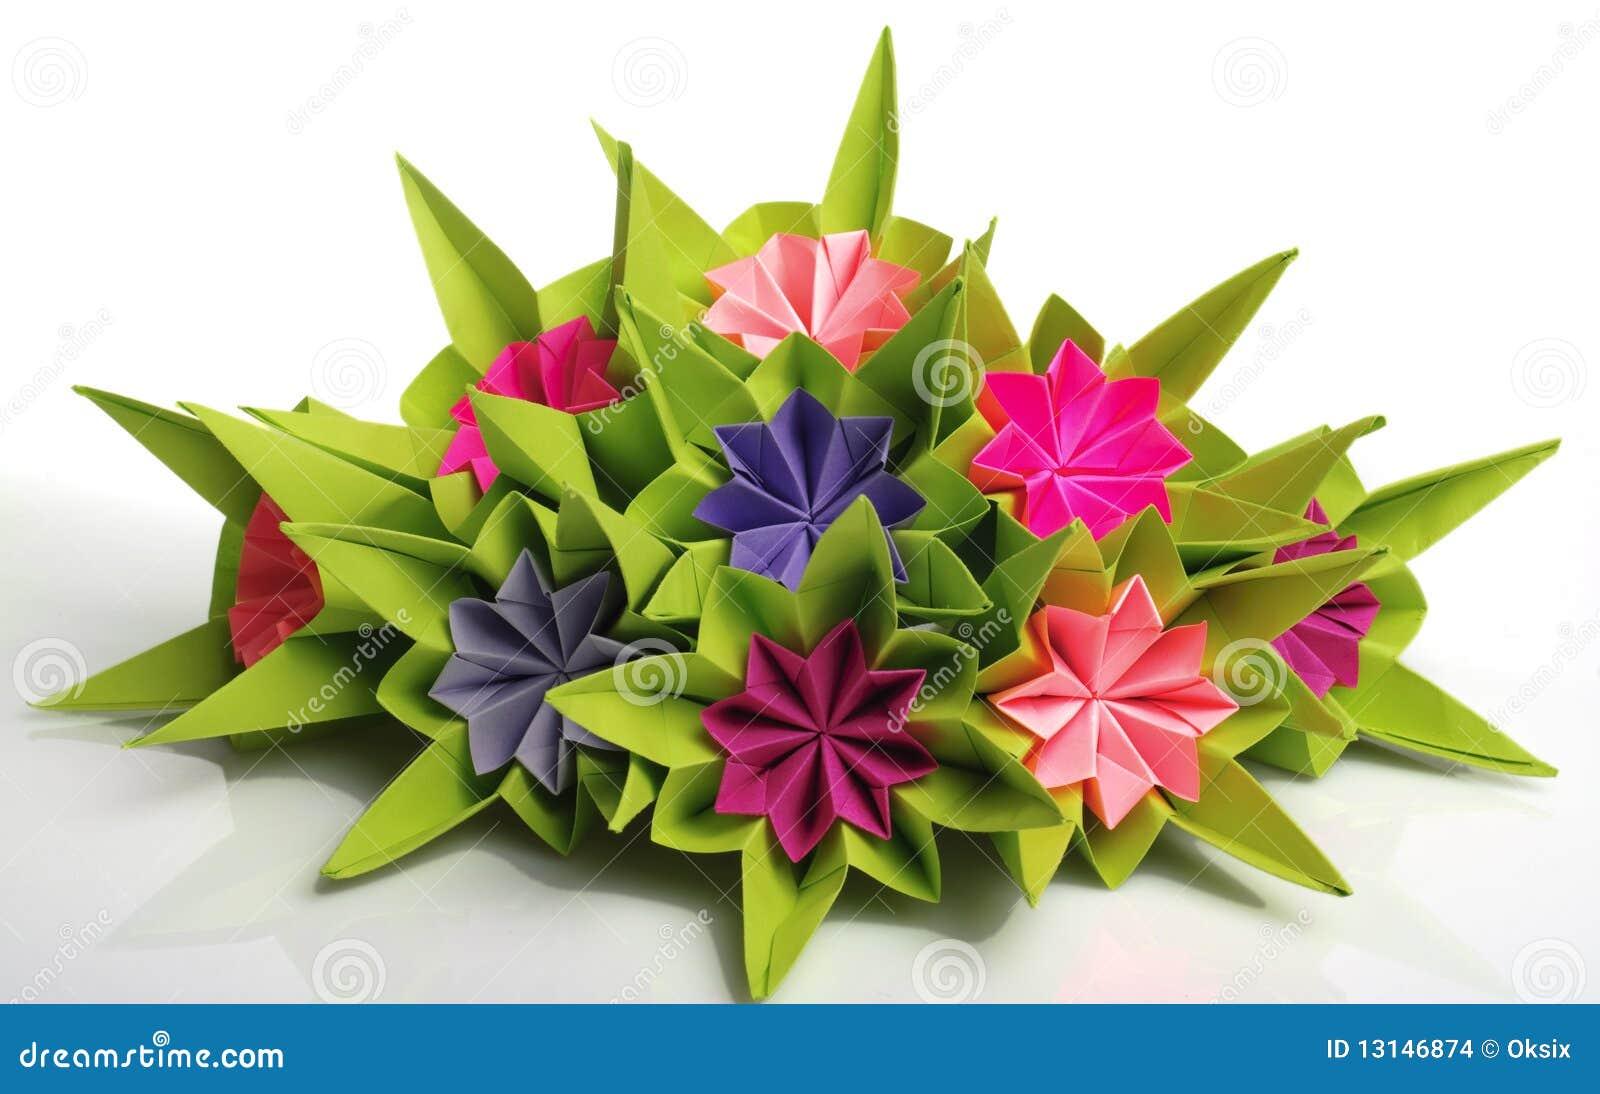 Mazzo Di Fiori Origami.Mazzo Di Origami Fotografia Stock Immagine Di Elemento 13146874